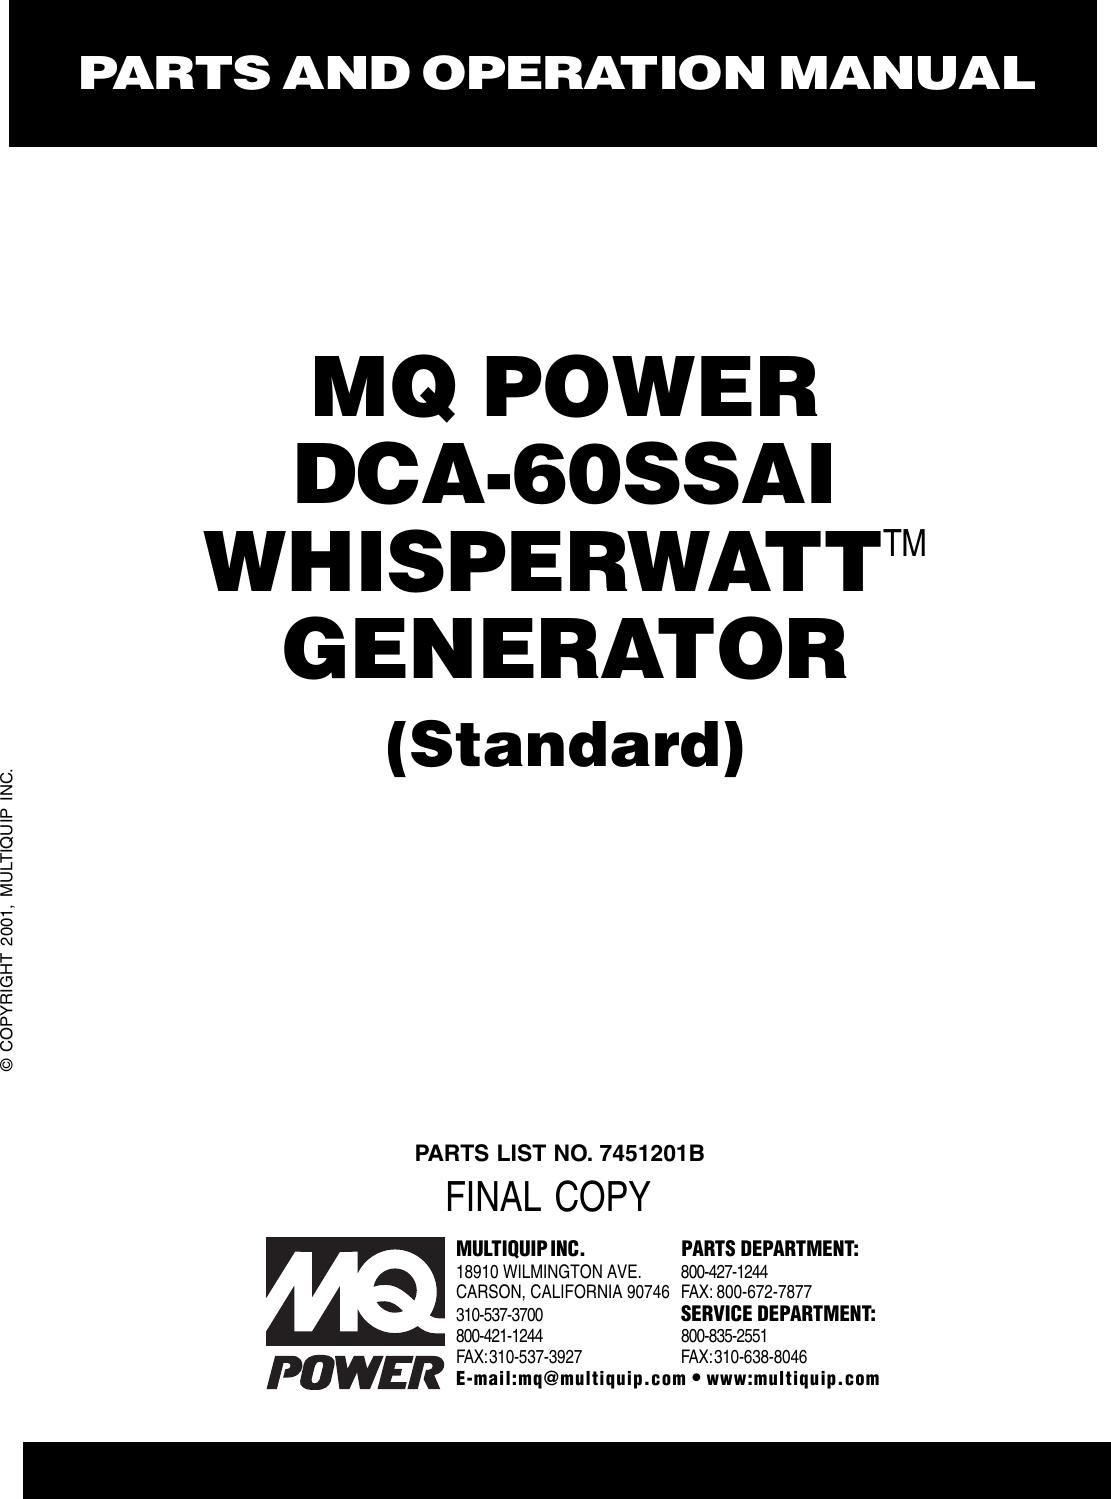 Multiquip Portable Generator Dca 60ssai Users Manual 6bb1 Isuzu Engine Diagram